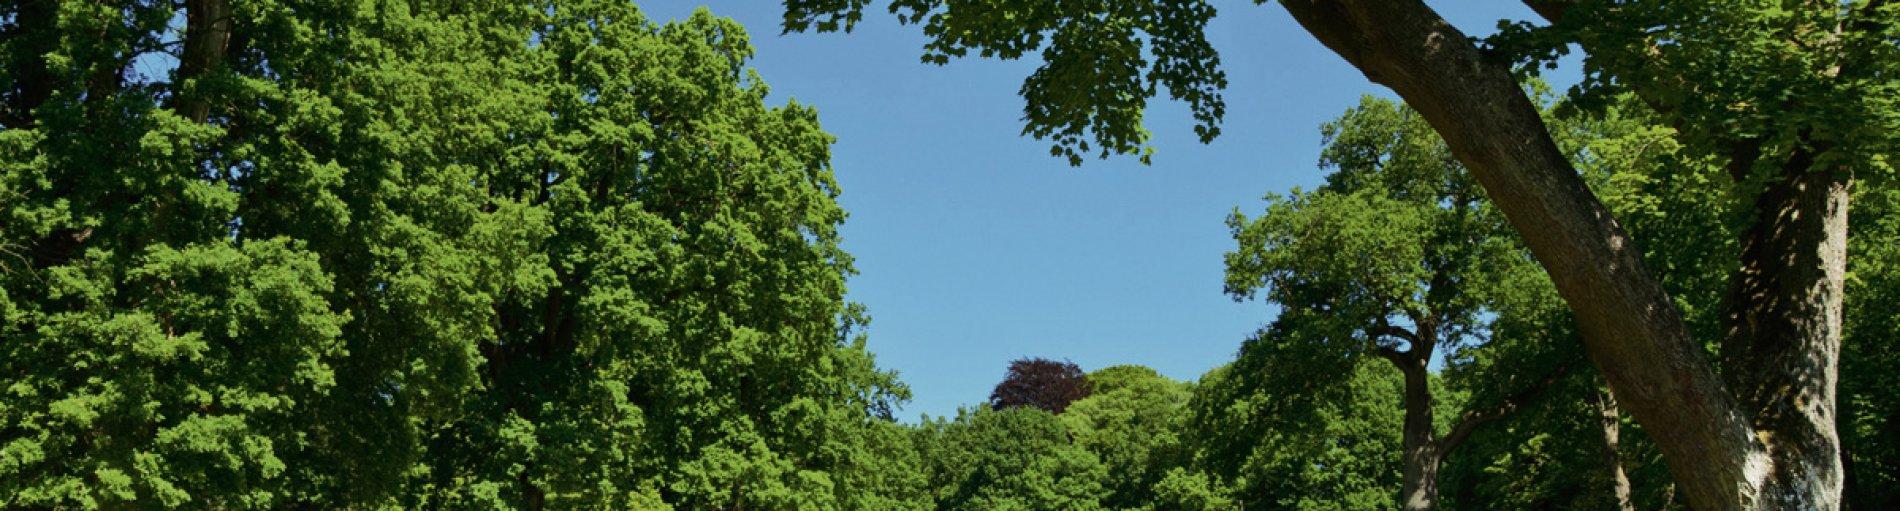 Ein Weg führt durch eine Parkanlage mit weitläufiger Wiese und Bäumen